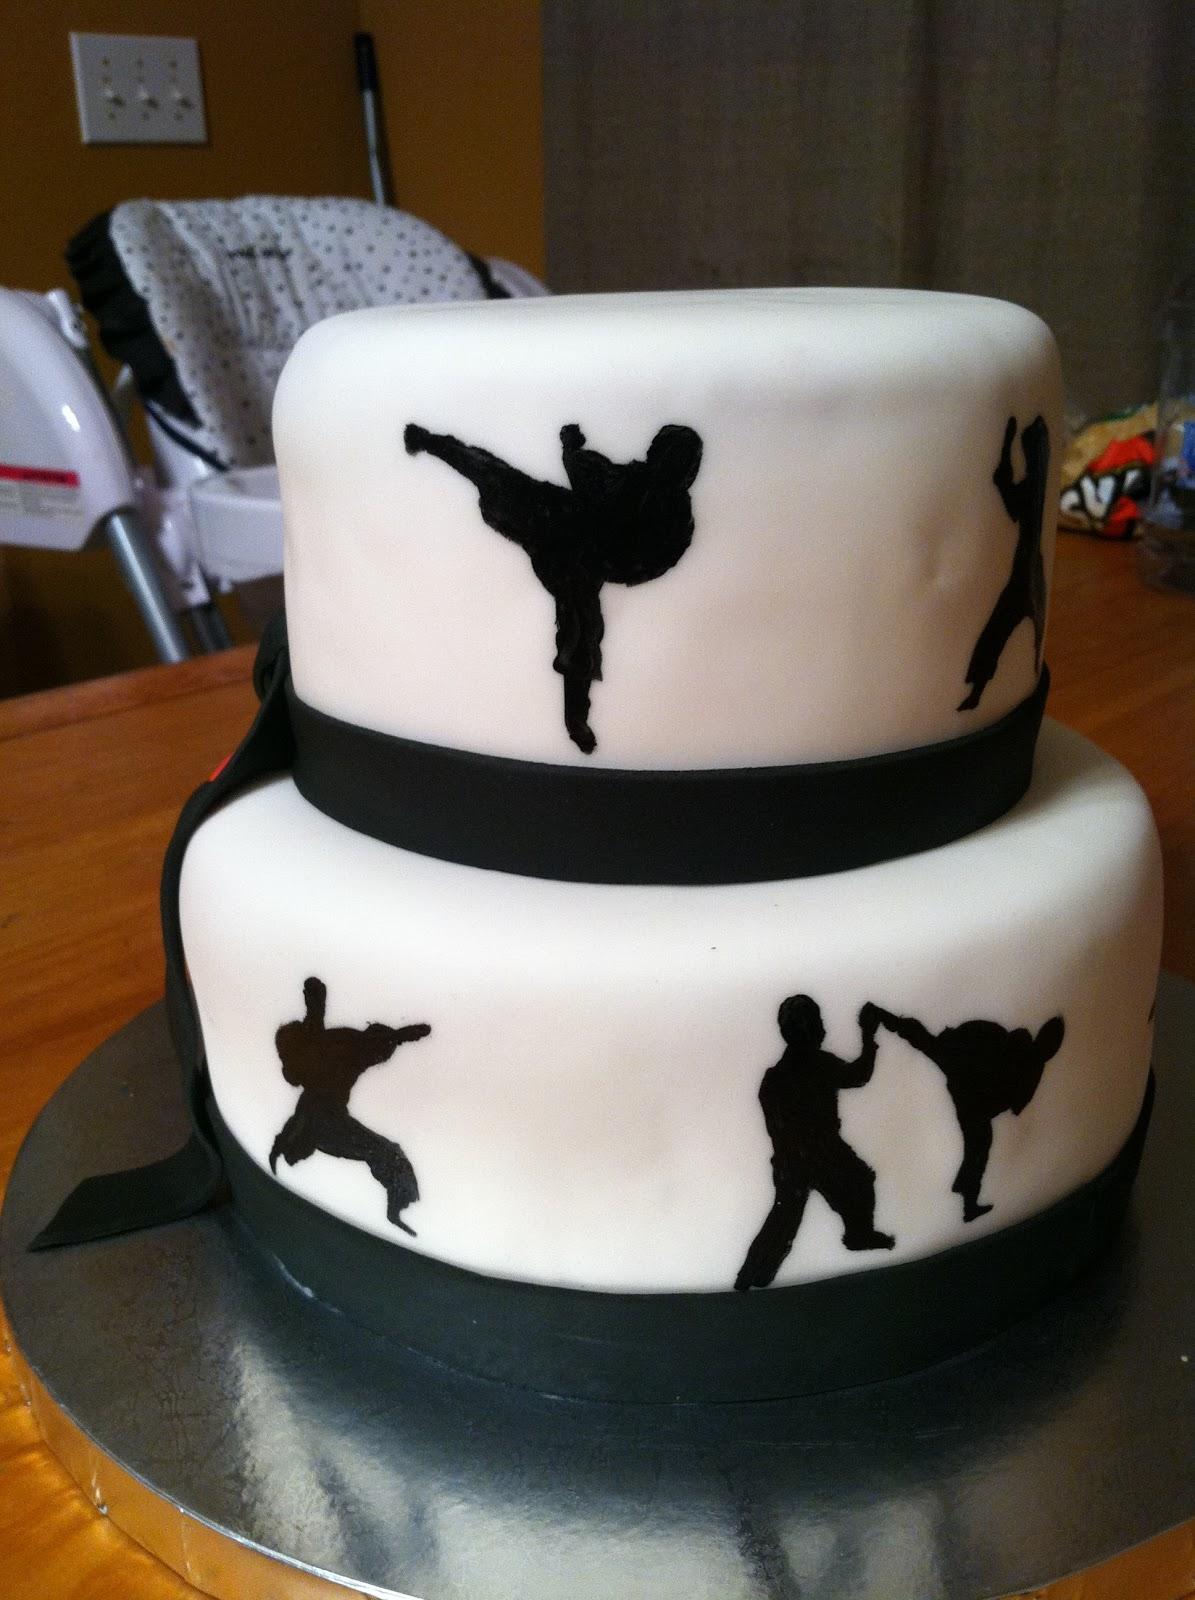 Introducing Karate Cakes